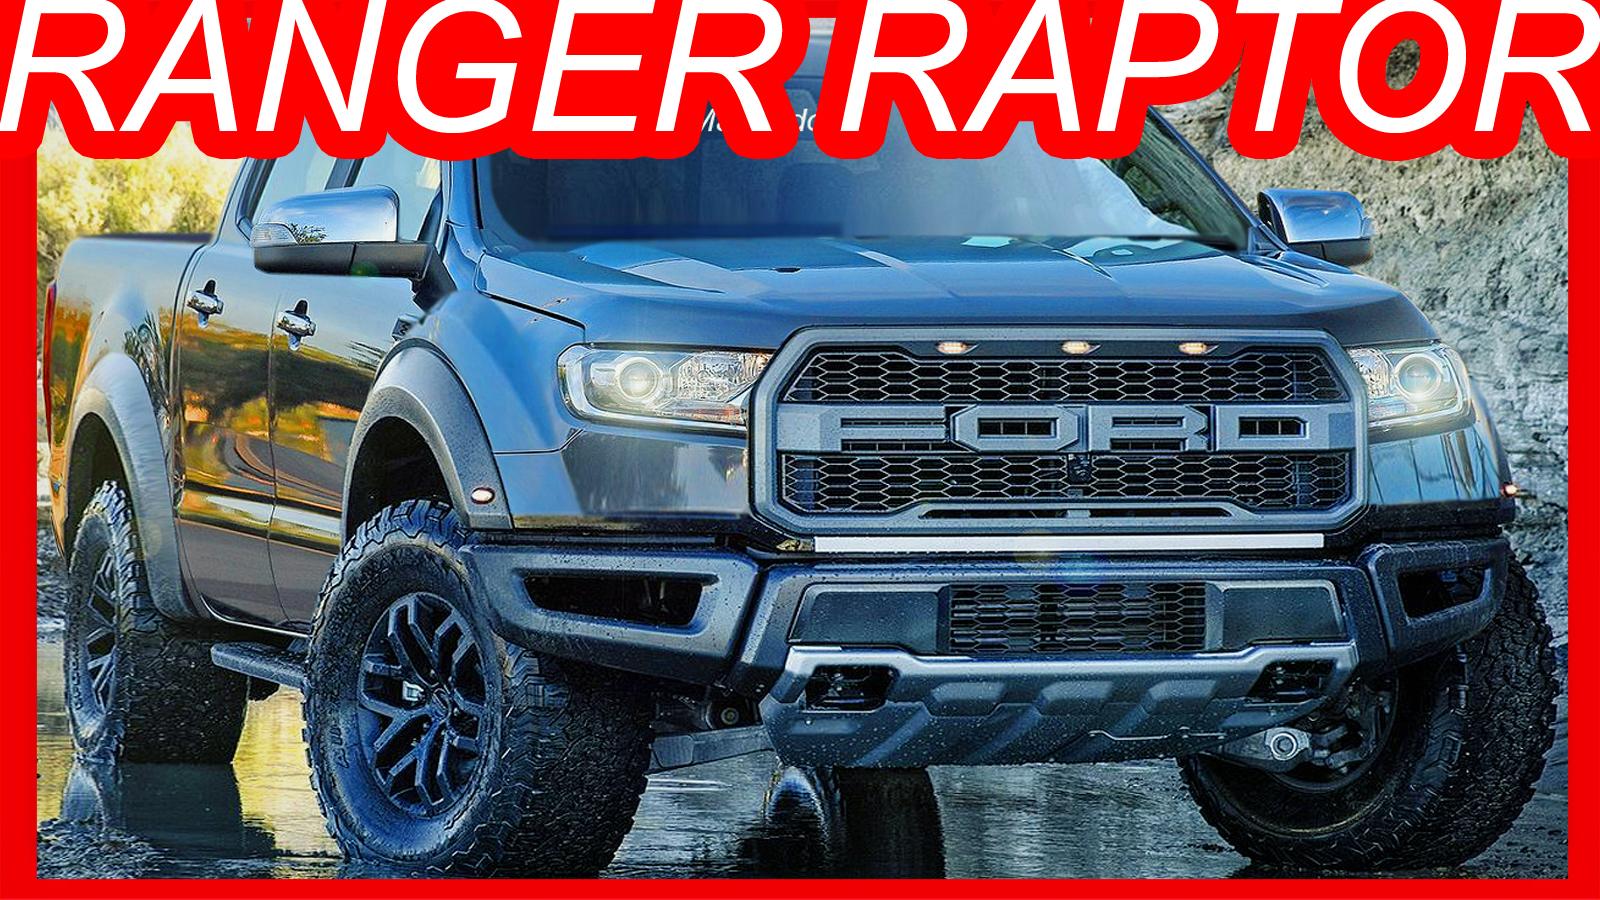 Photoshop new 2019 ford ranger raptor at10 3 5 v6 ecoboost 375 hp